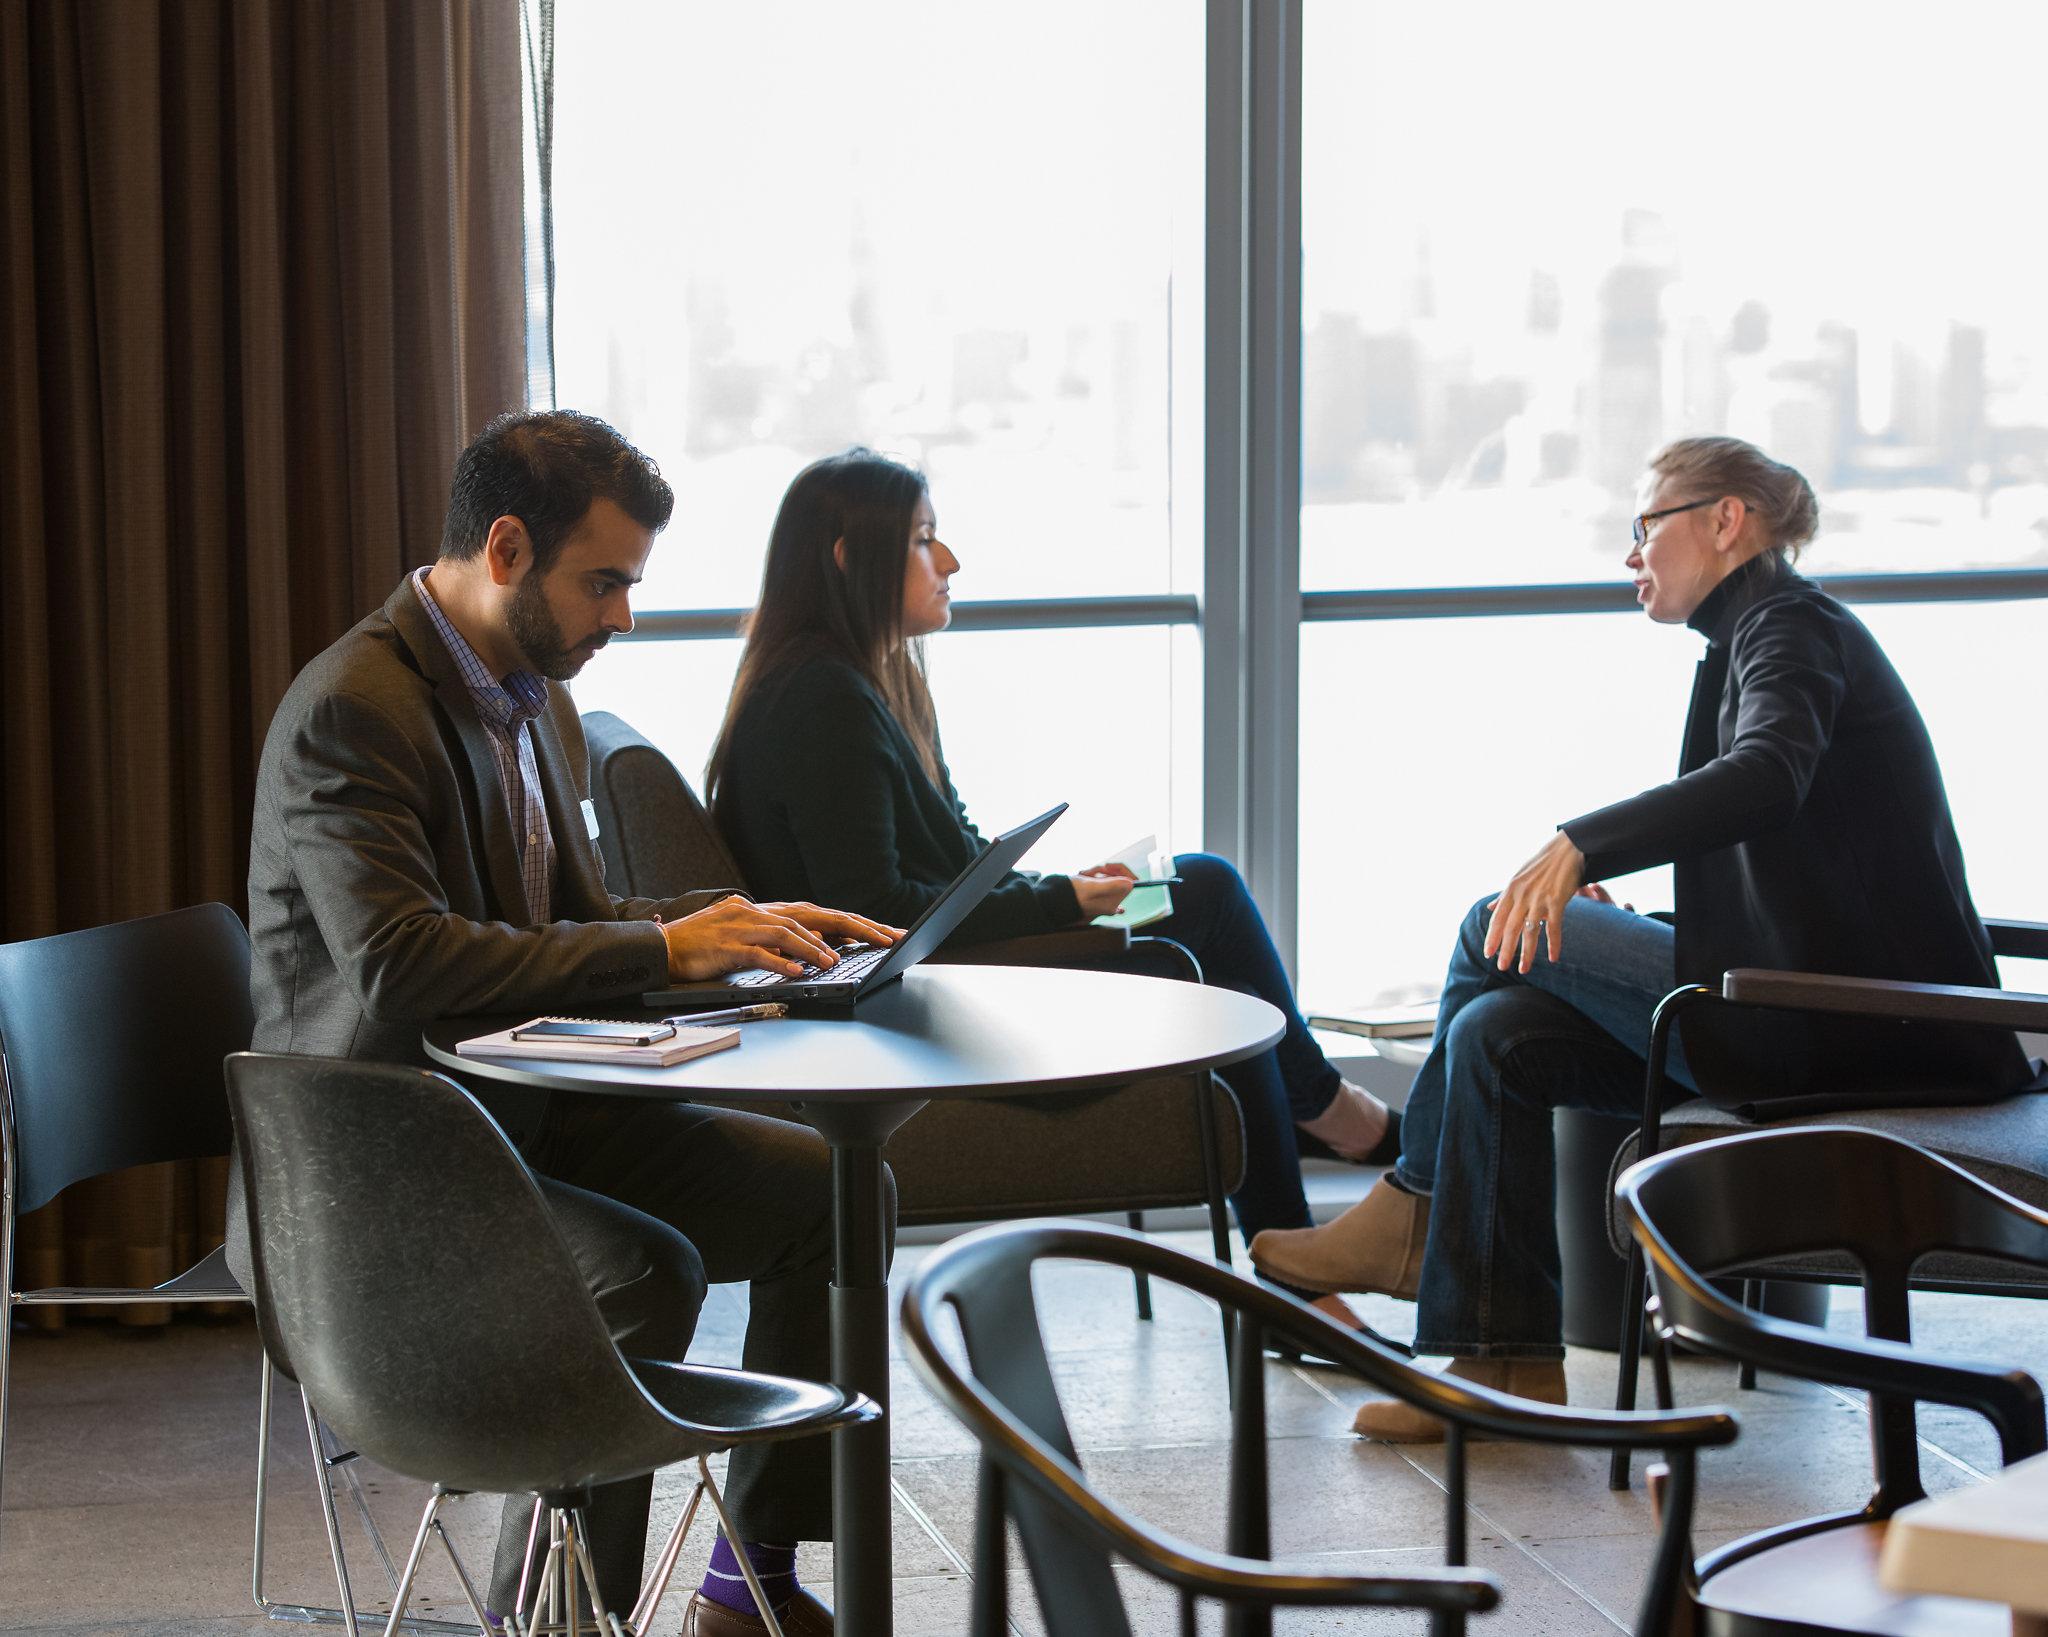 Werken in het open kantoor van Boston Consulting Group in Chelsea, New York. Foto BCG